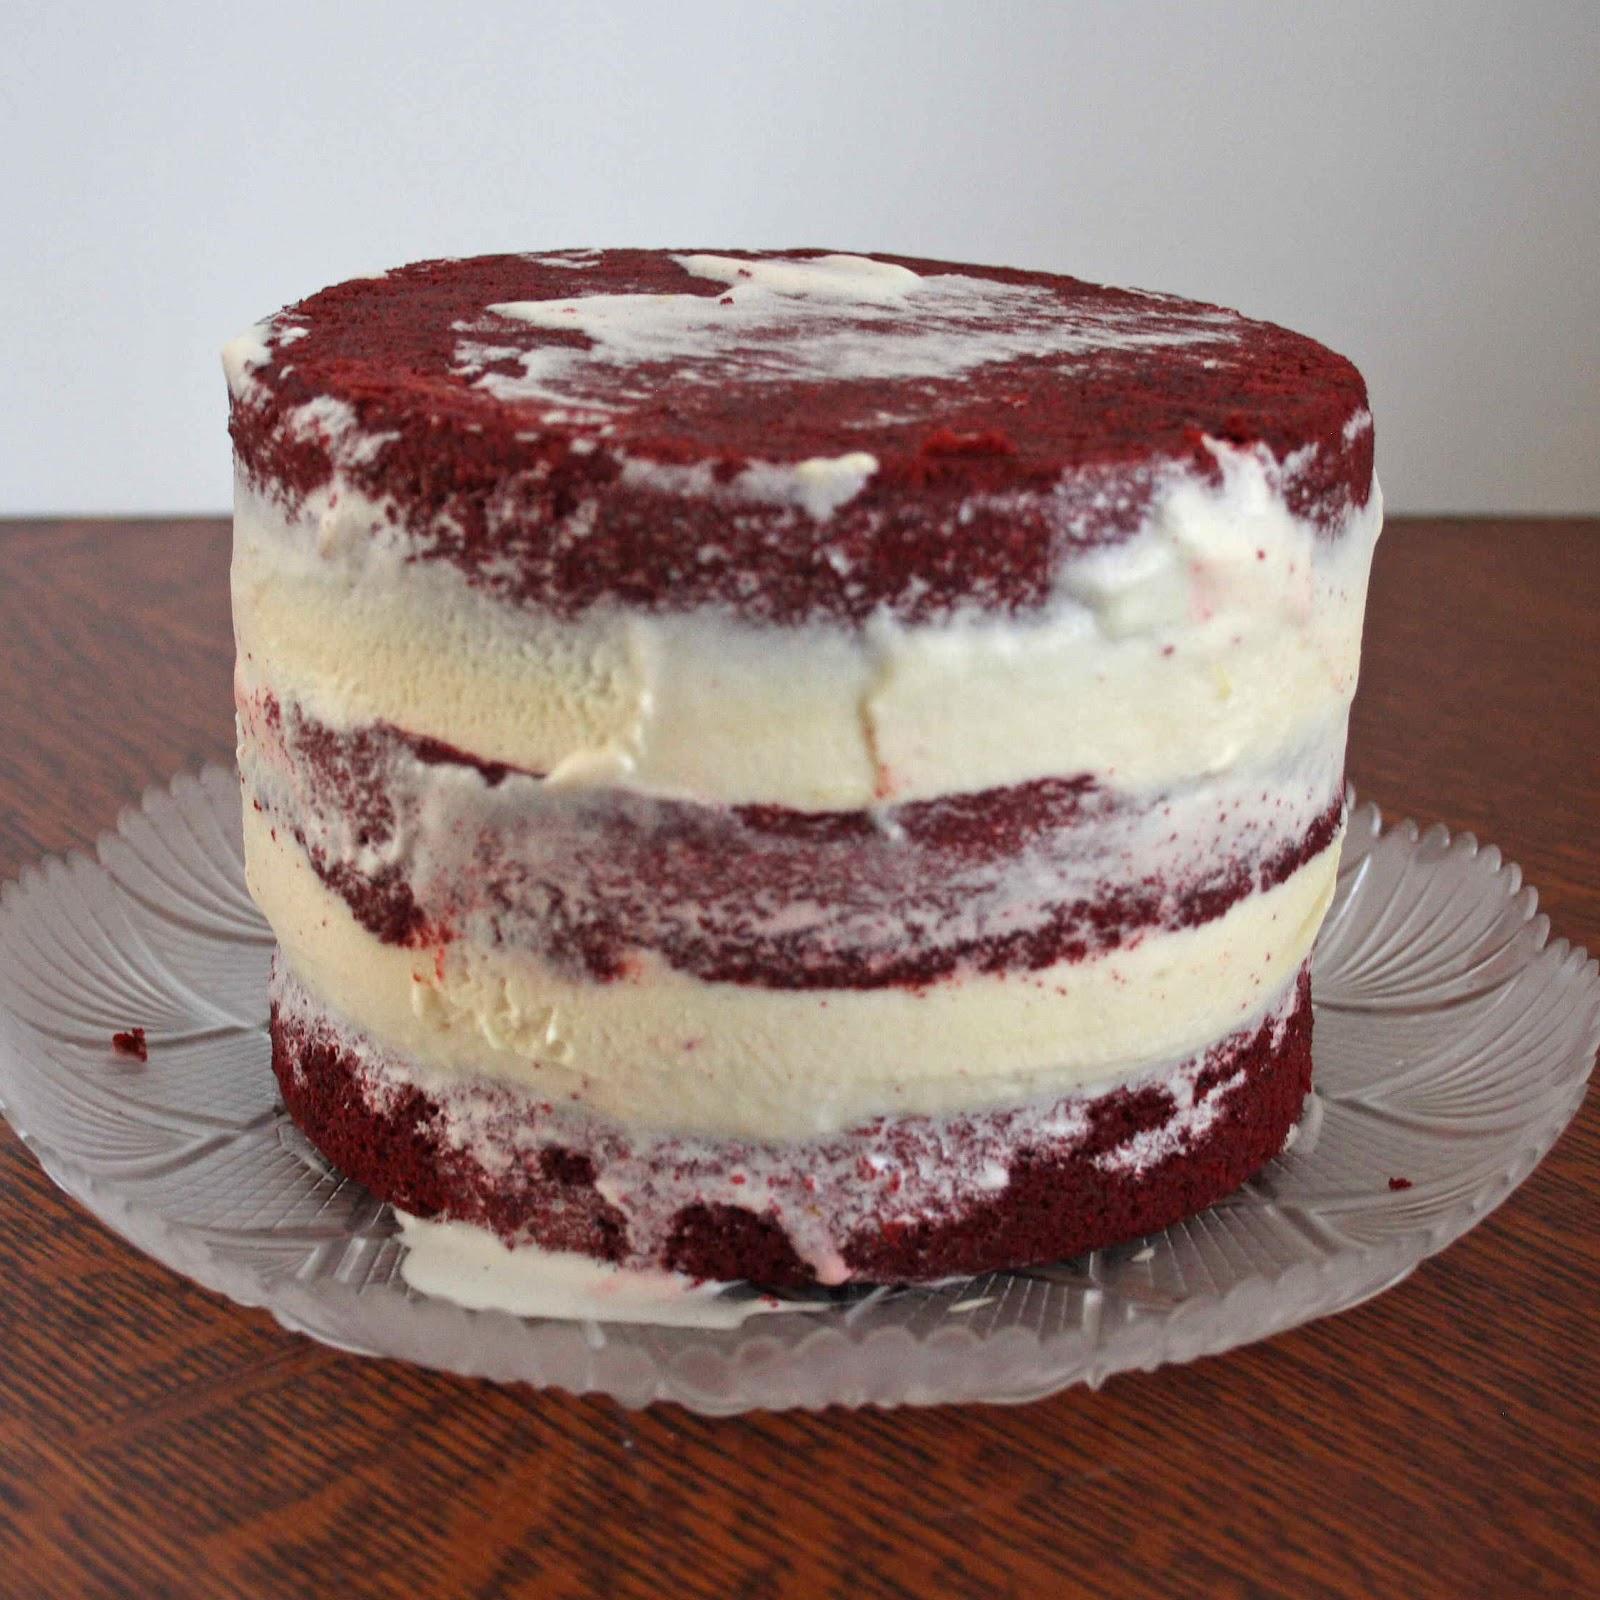 All Kinds Of Sugar Red Velvet Ice Cream Cake